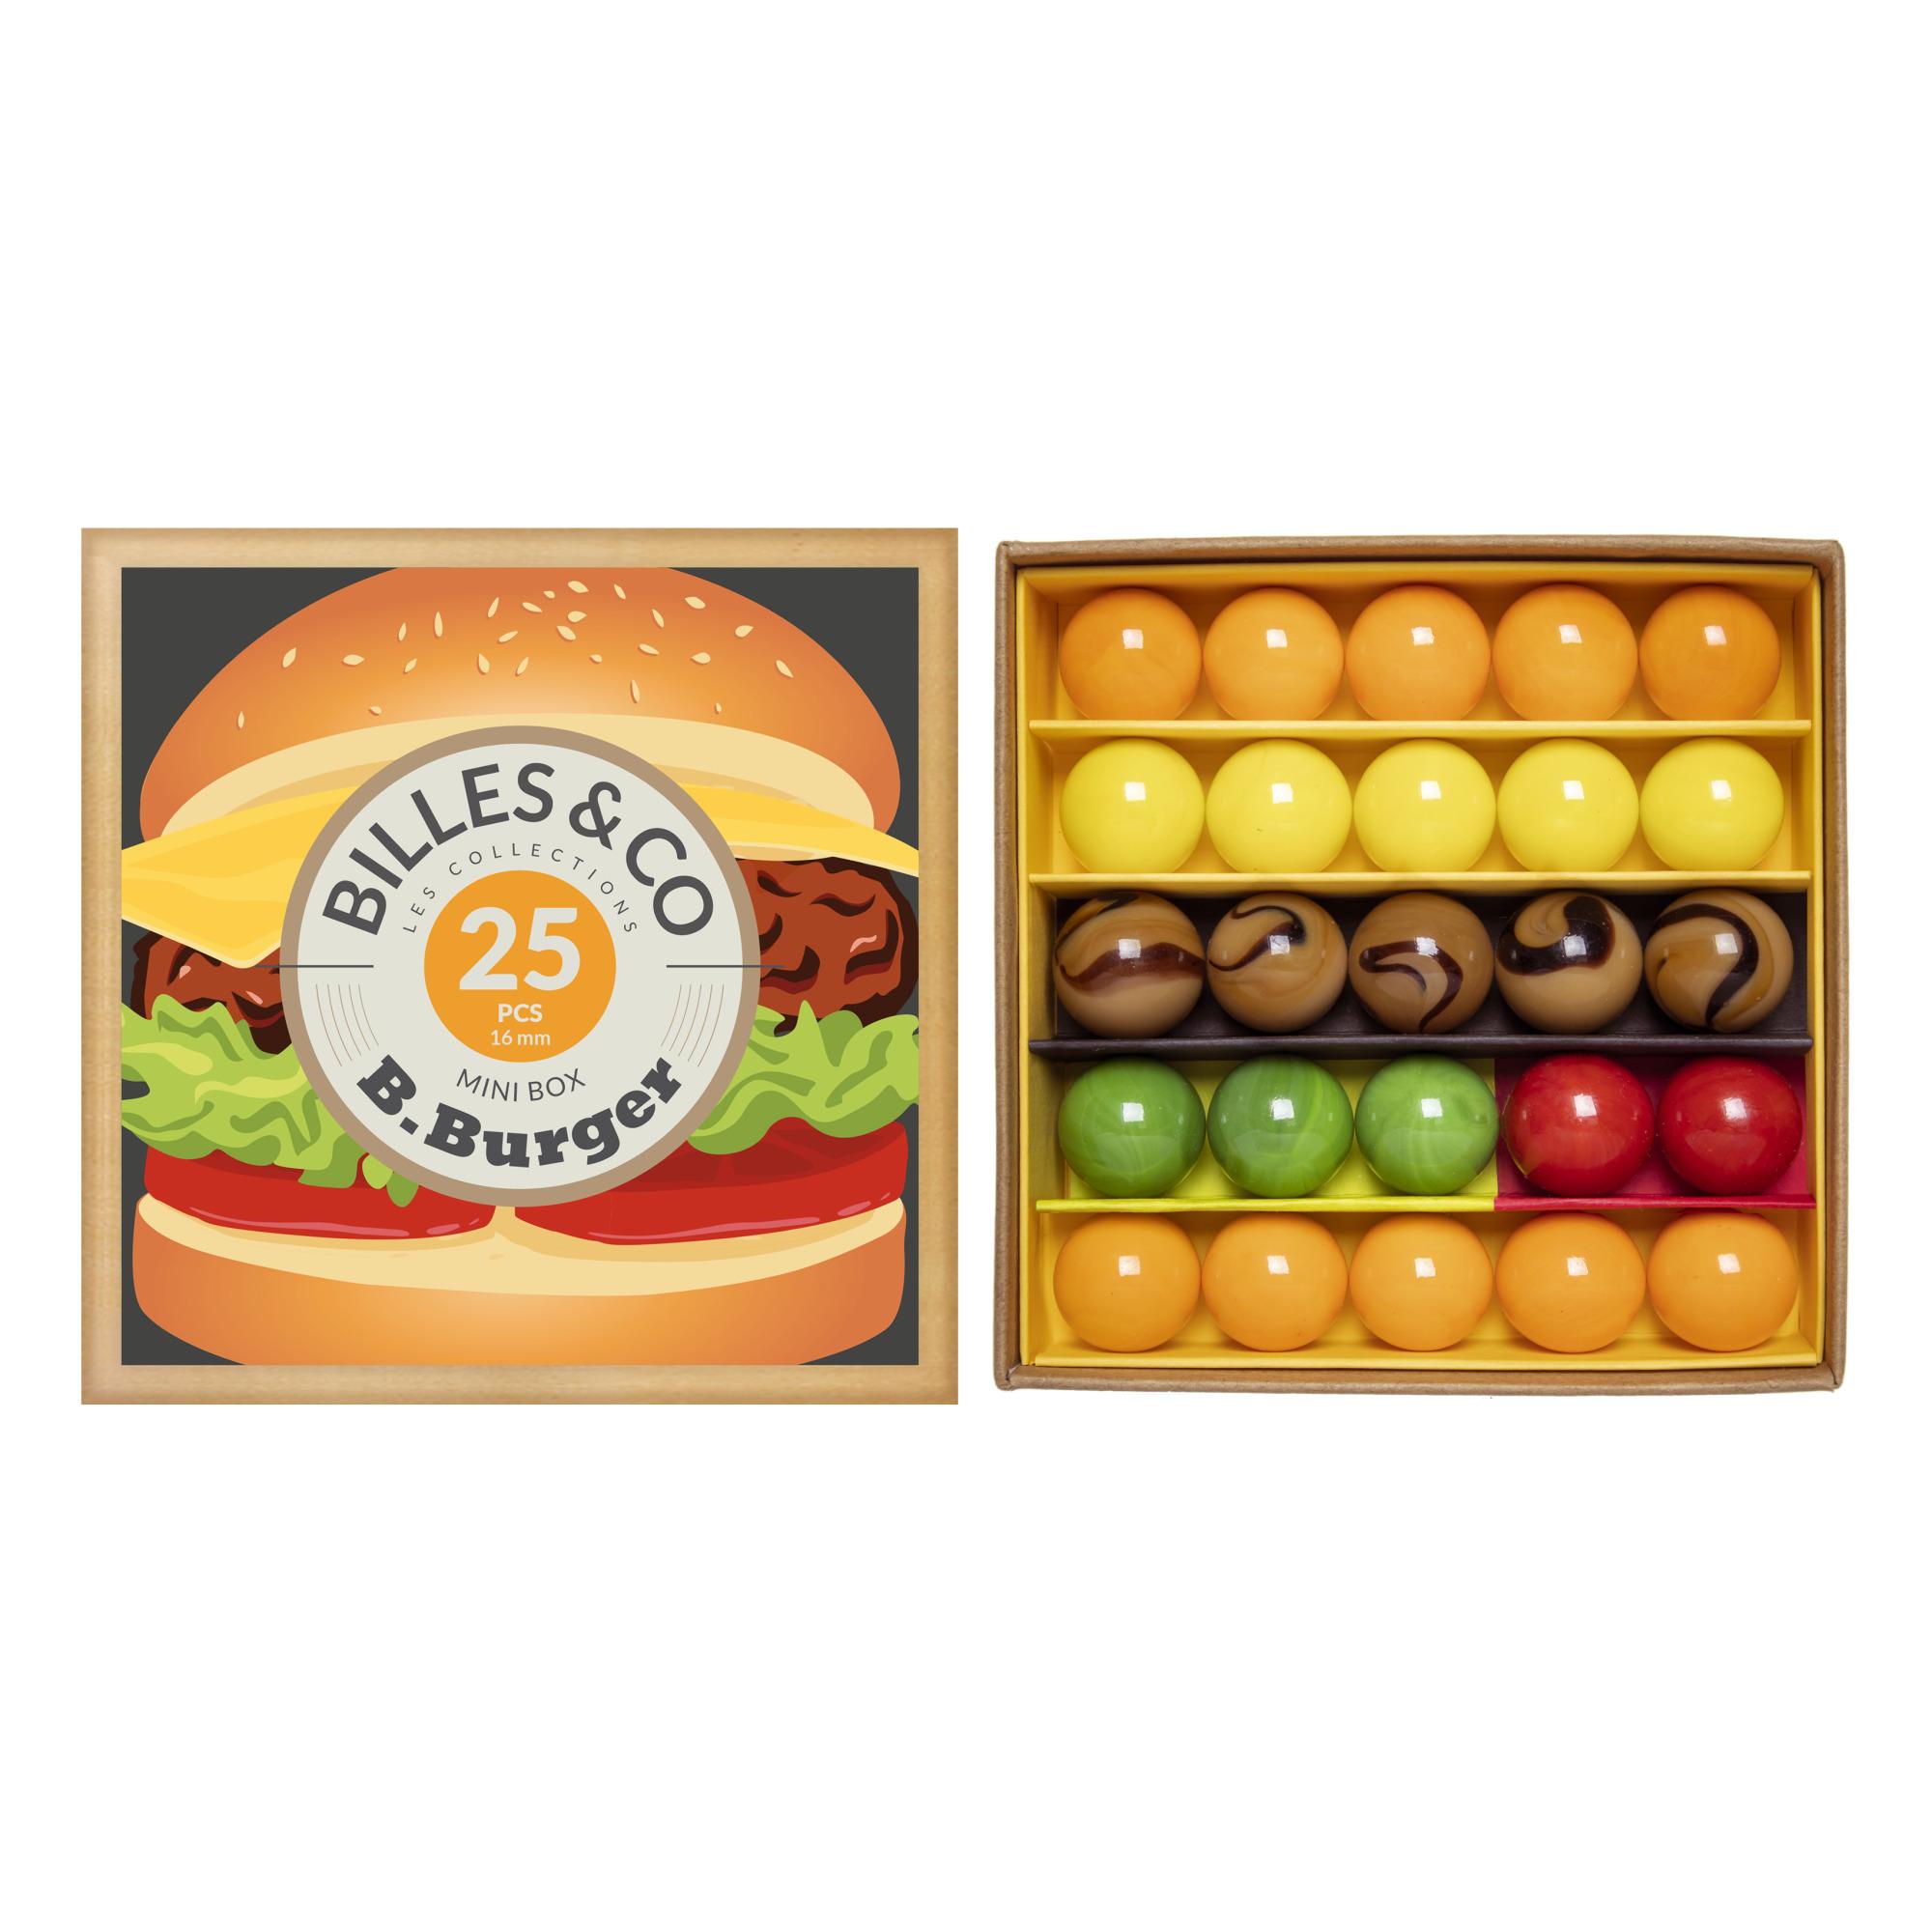 Billes & Co - Coffret de 25 billes B-Burger - Multicolore